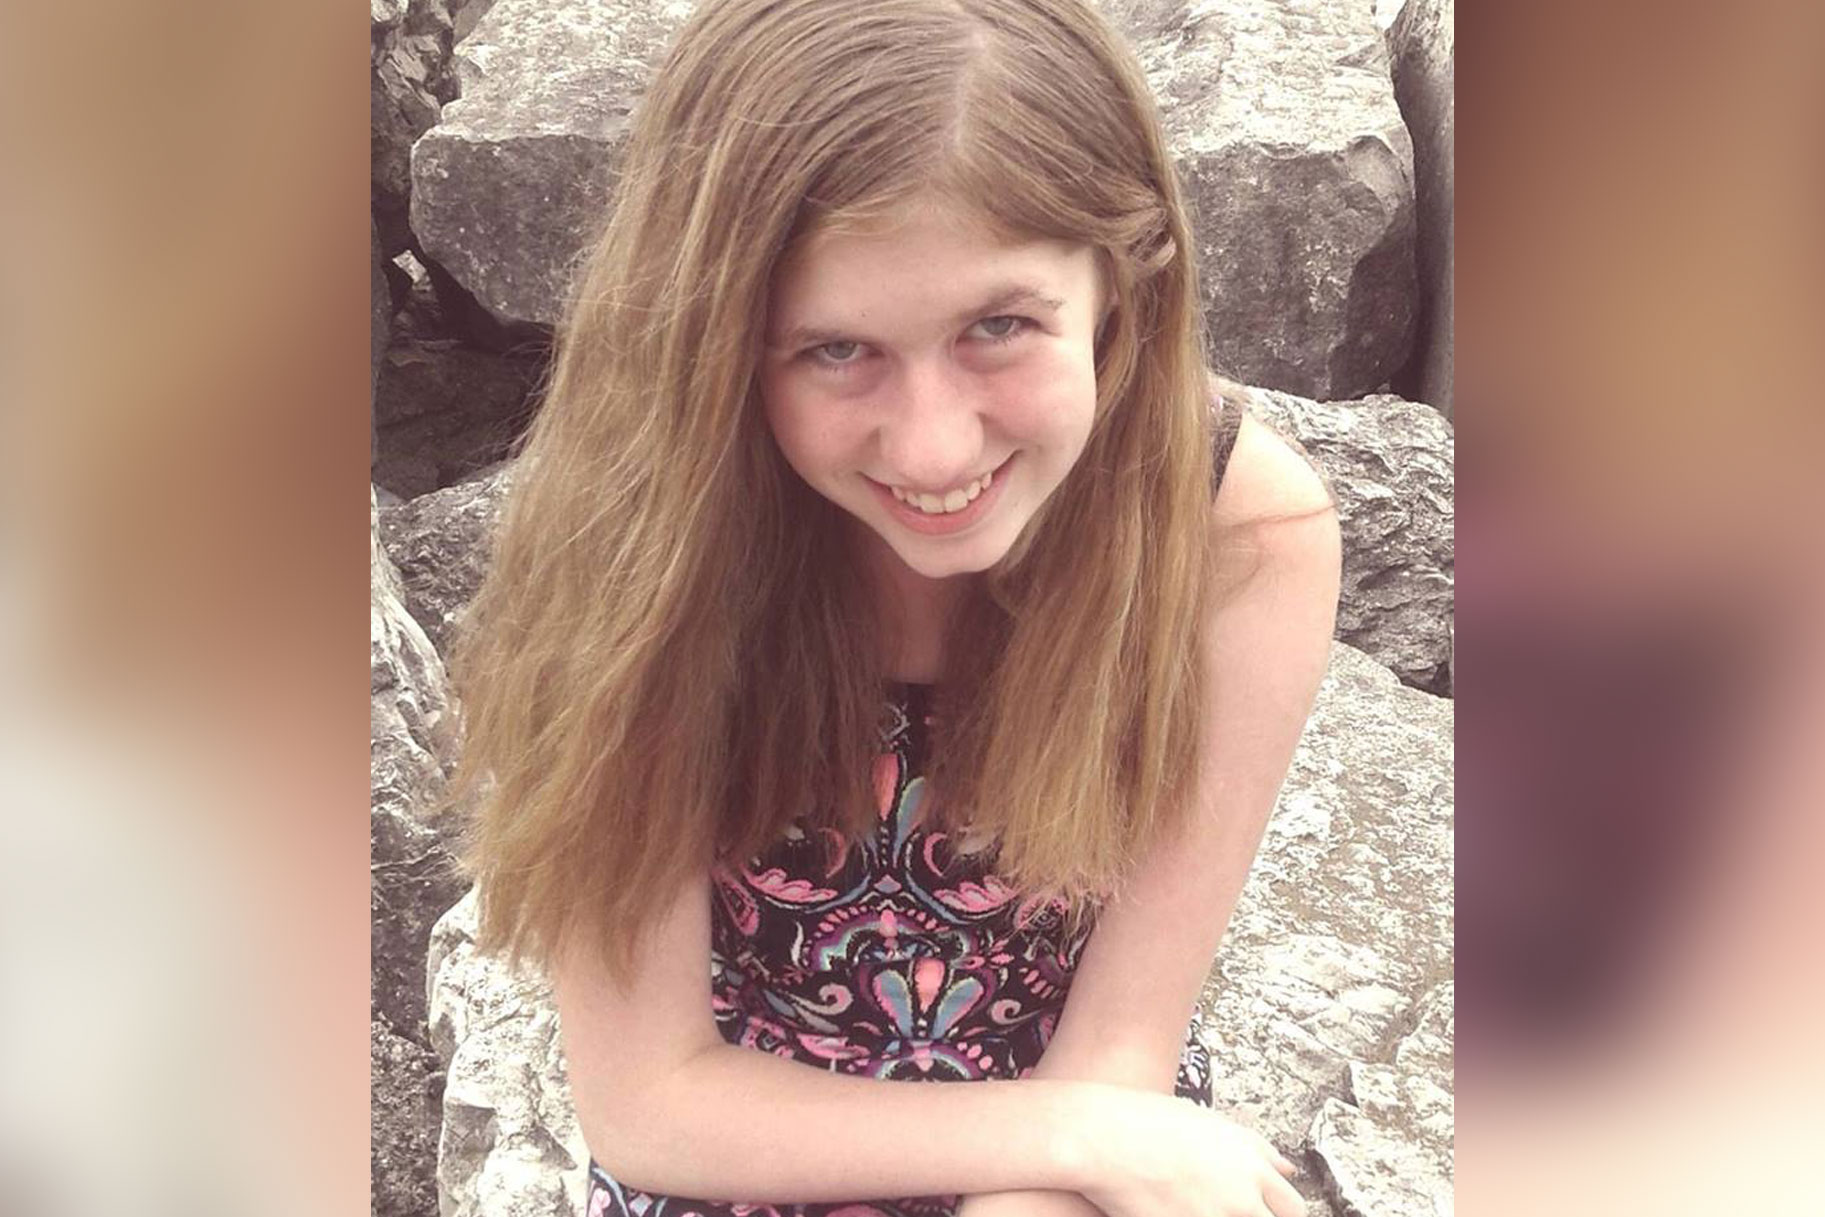 'Nos tomamos la vida día a día': la familia de Jayme Closs dice que la adolescente está 'haciéndolo bien' dos años después de que escapó de su secuestrador